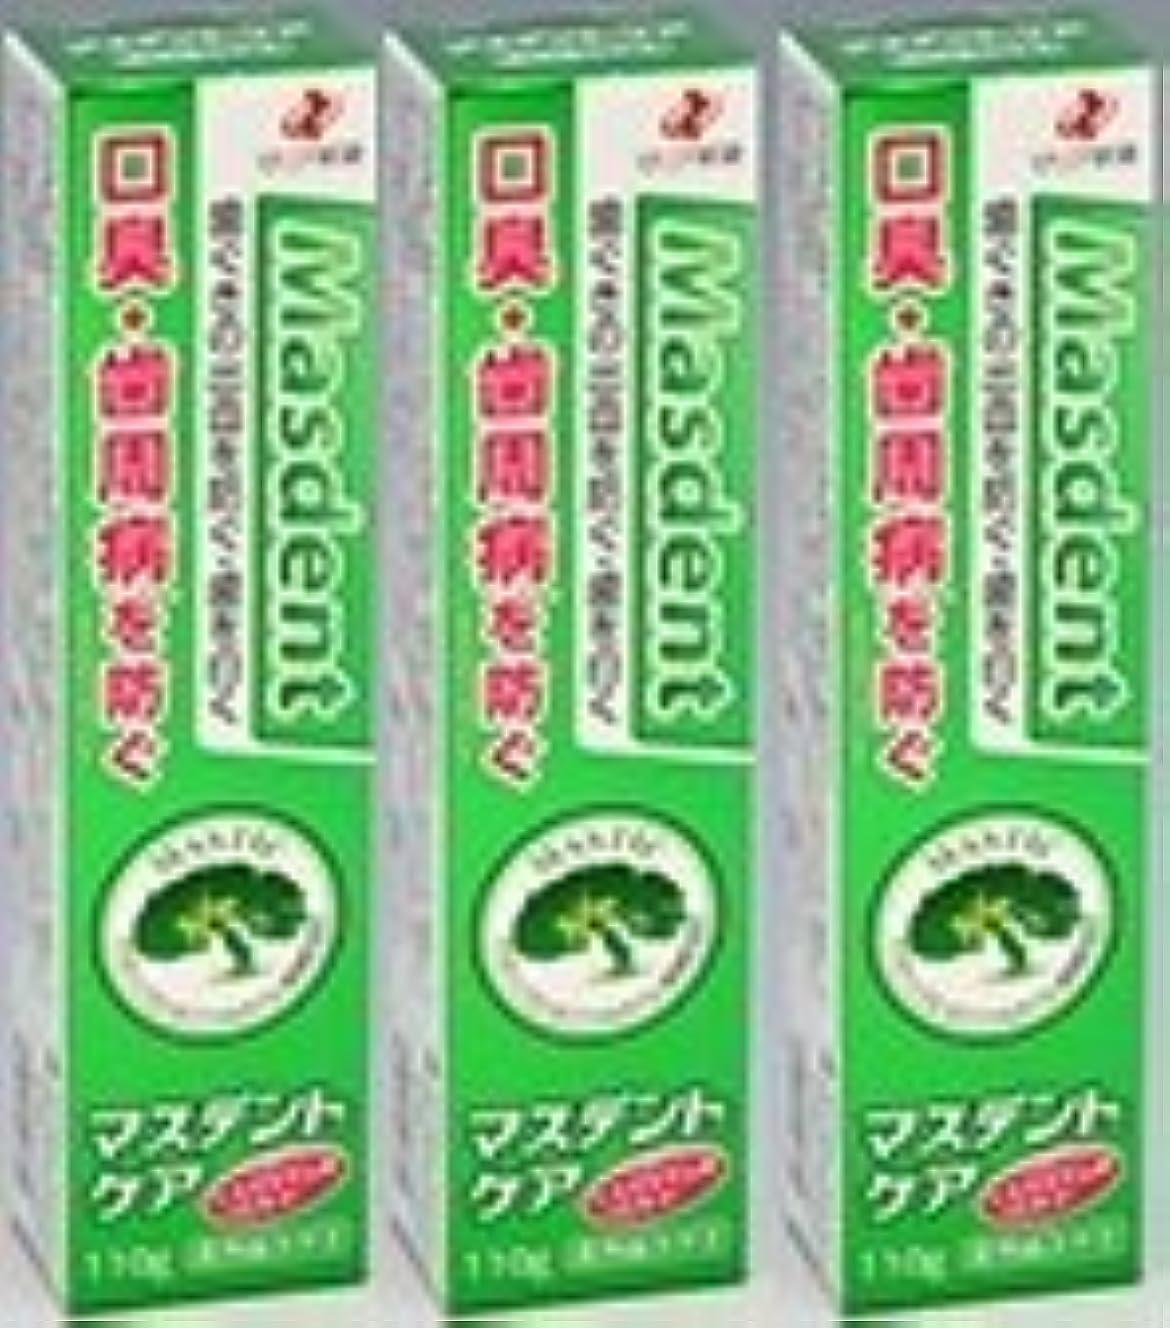 登録する日付宴会薬用歯磨き マスデントケア110g×3本セット